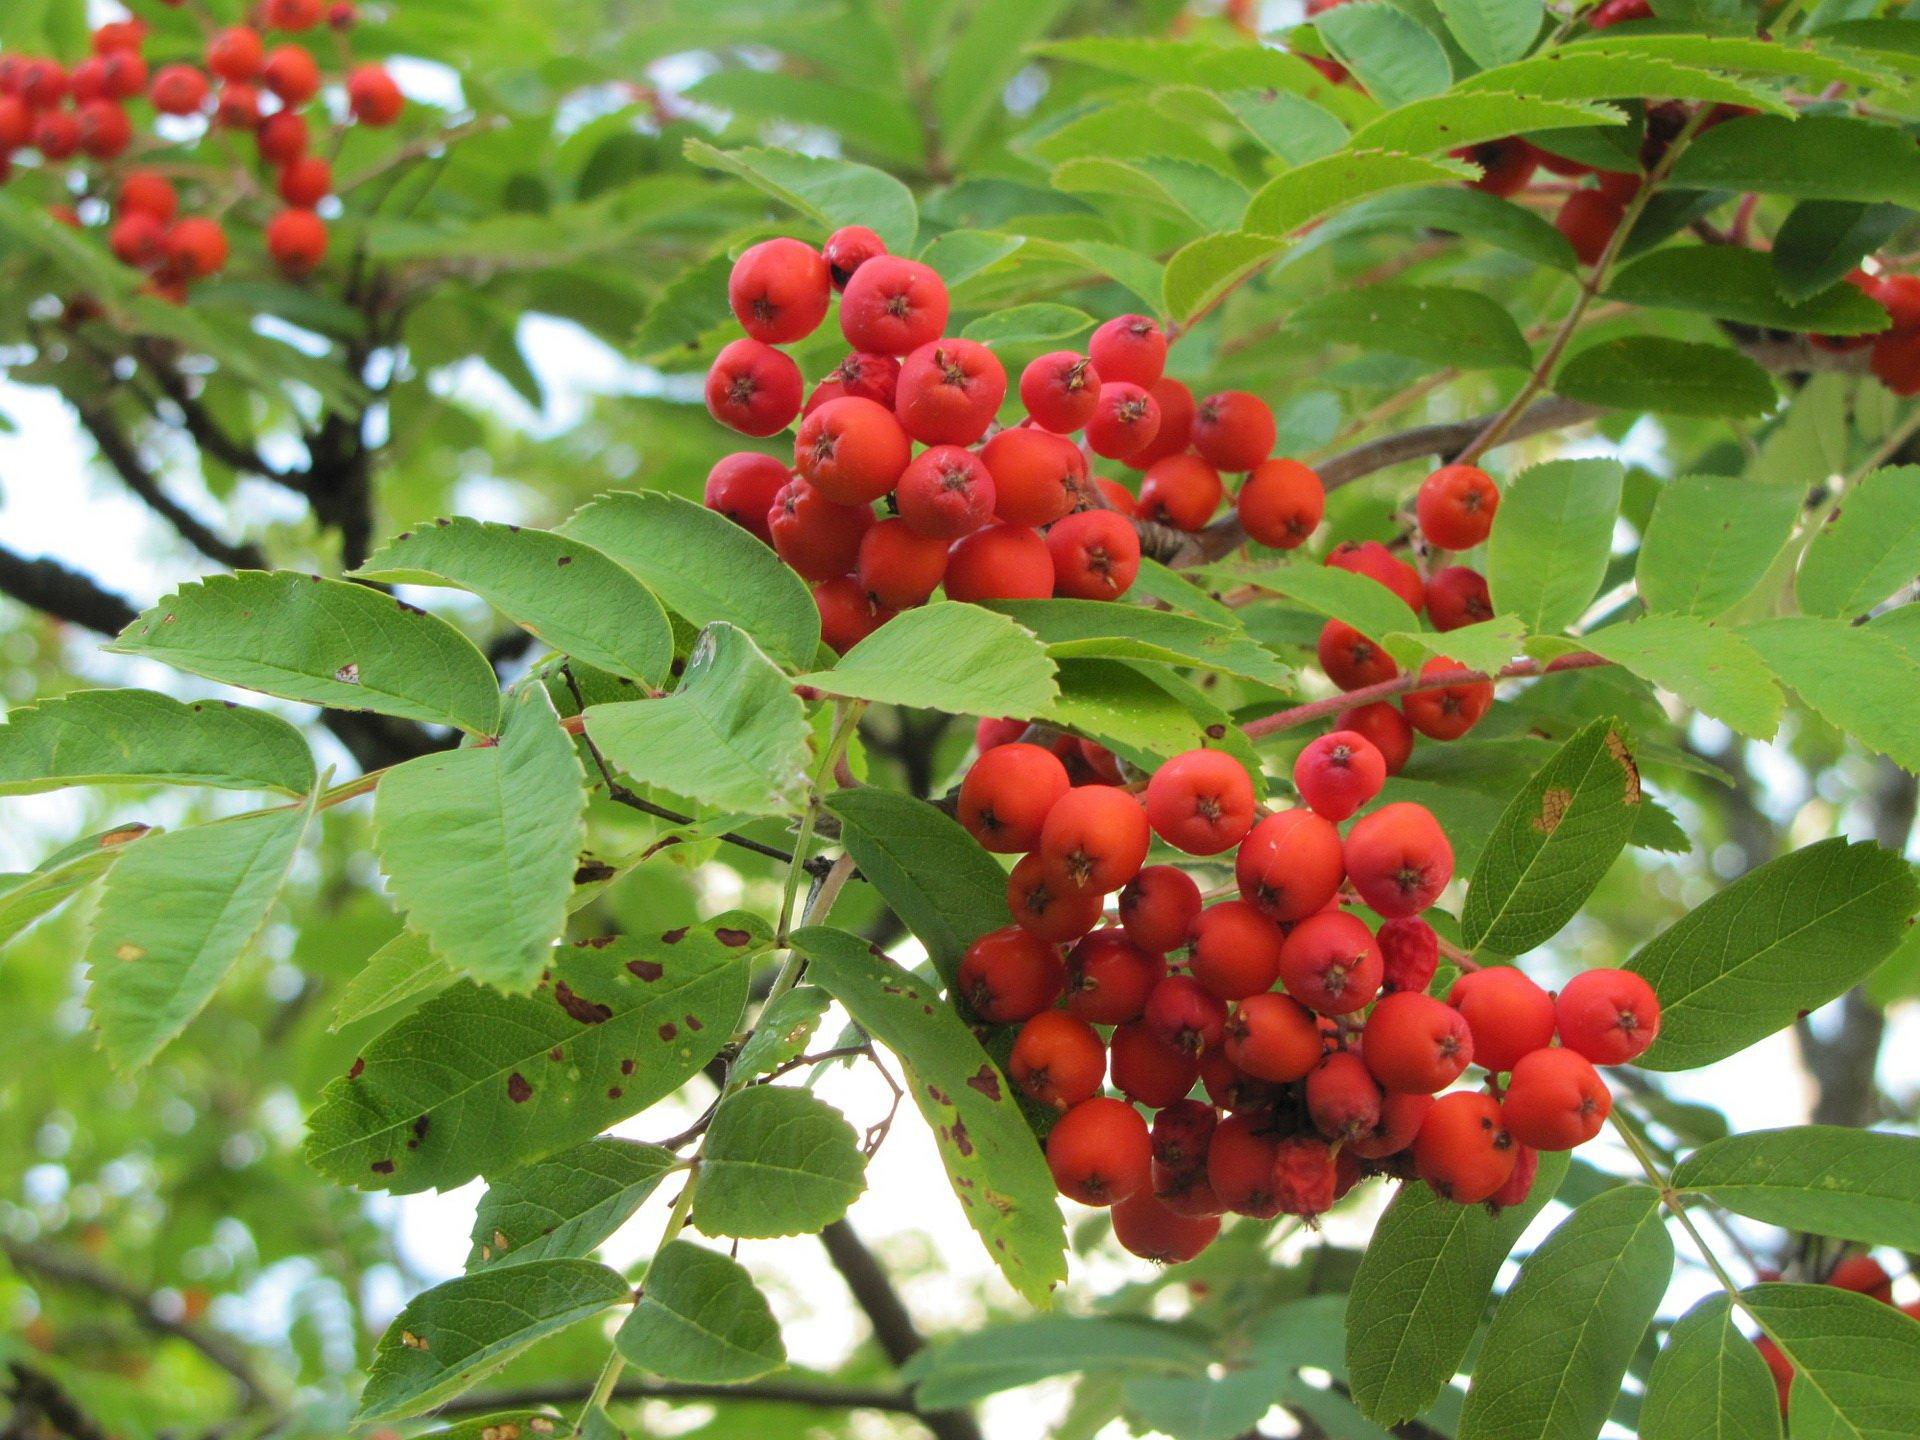 Jarzębinowa piosenka piosenki dla dzieci na jesień